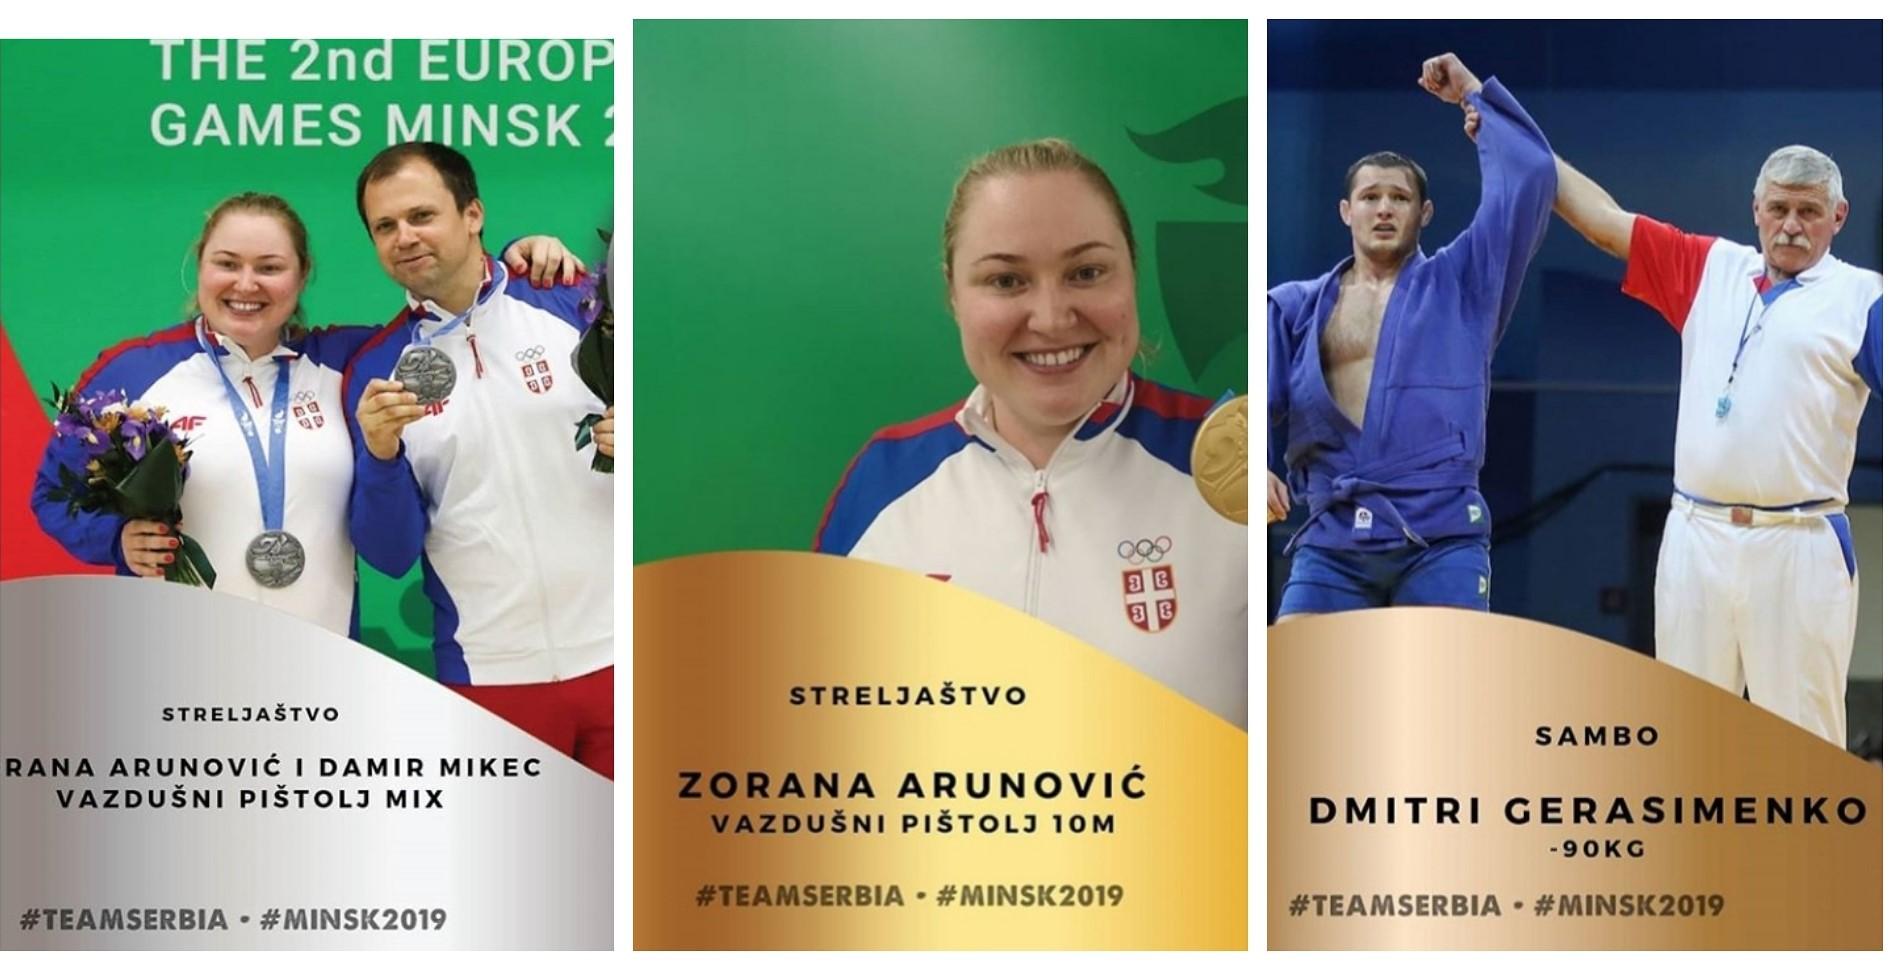 Министар Удовичић честитао је освајачима медаља на завршеним другим Европским играма у Минску